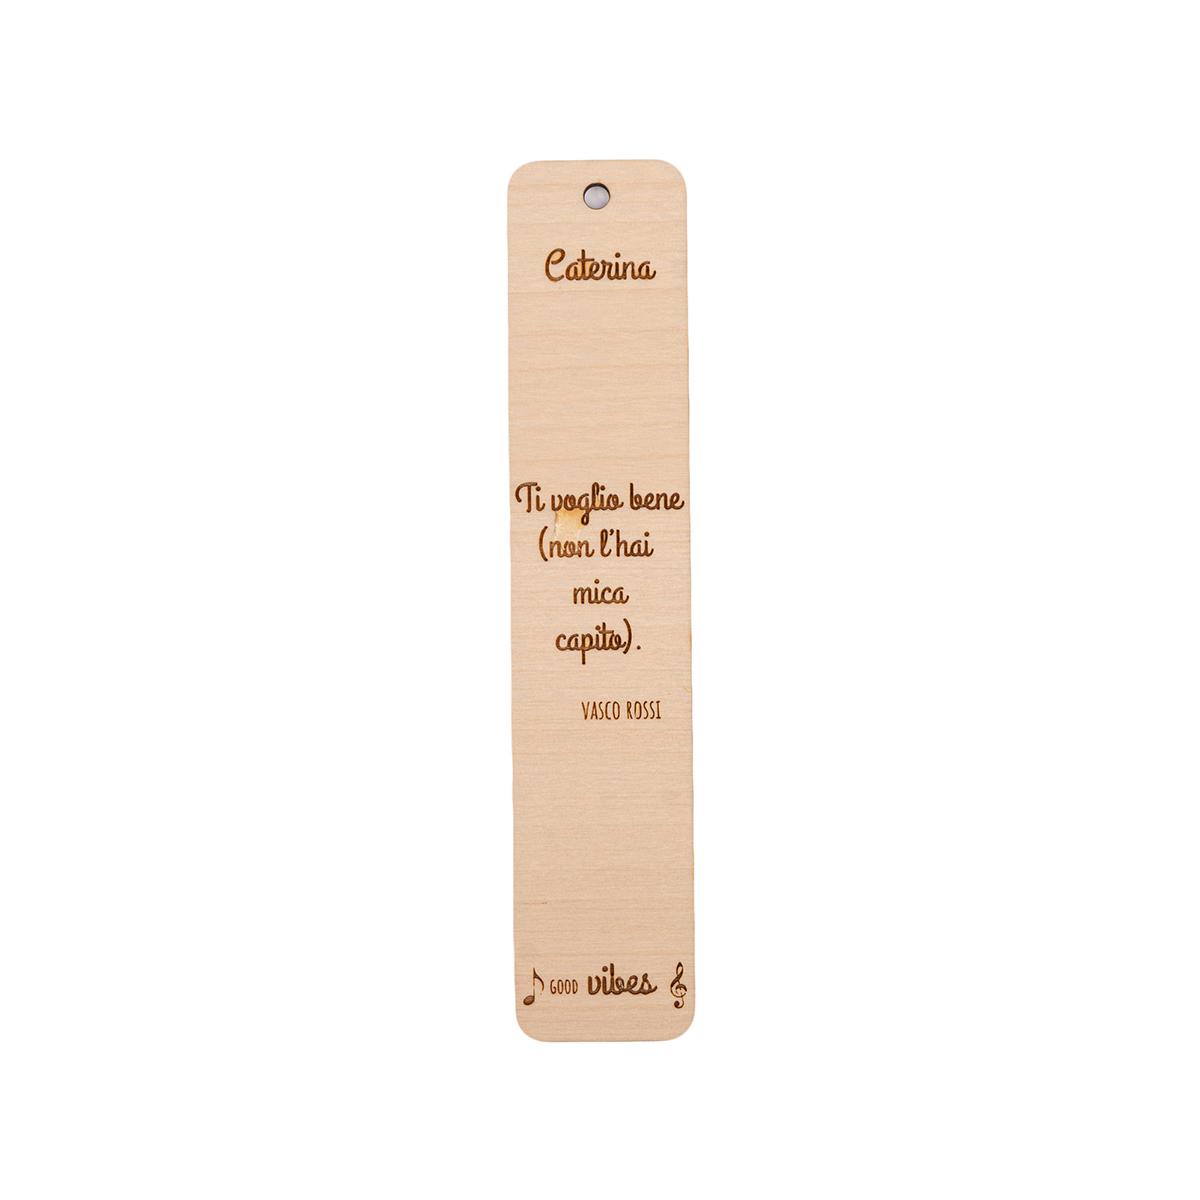 Segnalibro in legno personalizzabile con frase canzone famosa - Vasco Rossi